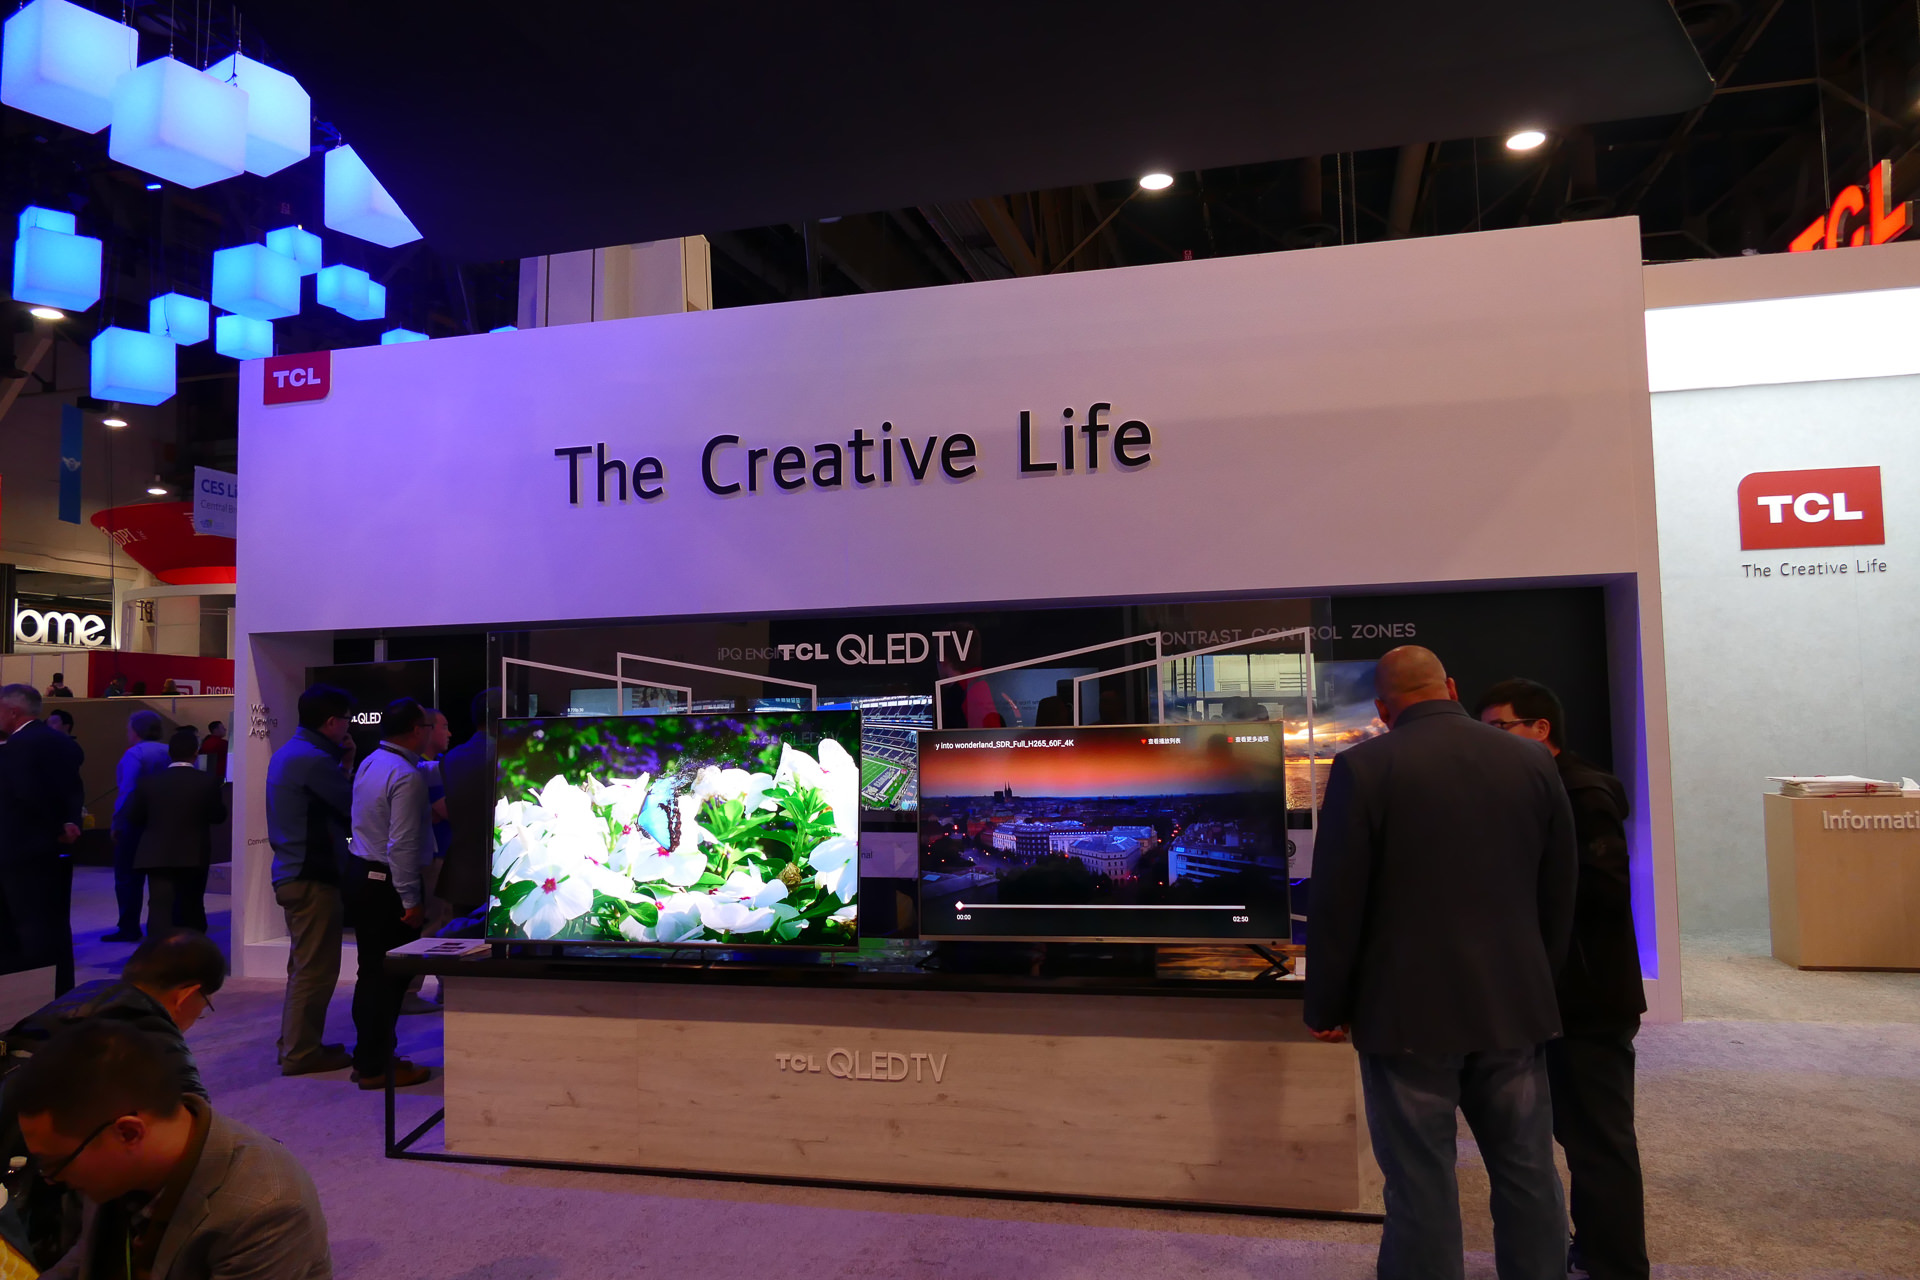 中国TCLはSAMSUNGに先んじて2014年に量子ドットテレビを発表したほどの実力メーカー